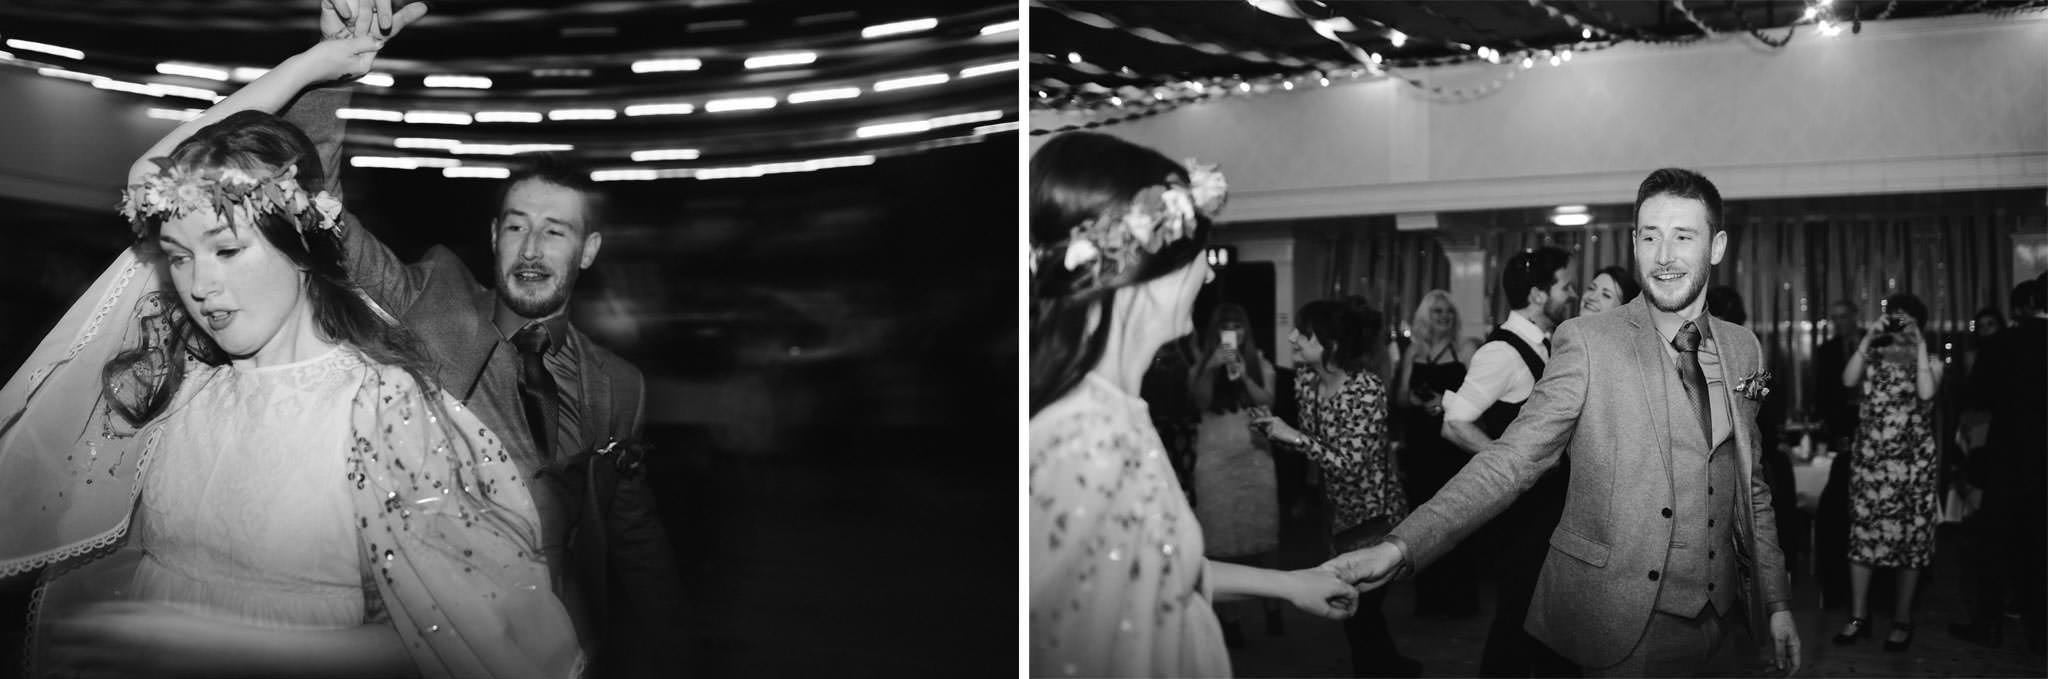 scottish-wedding-photography-170